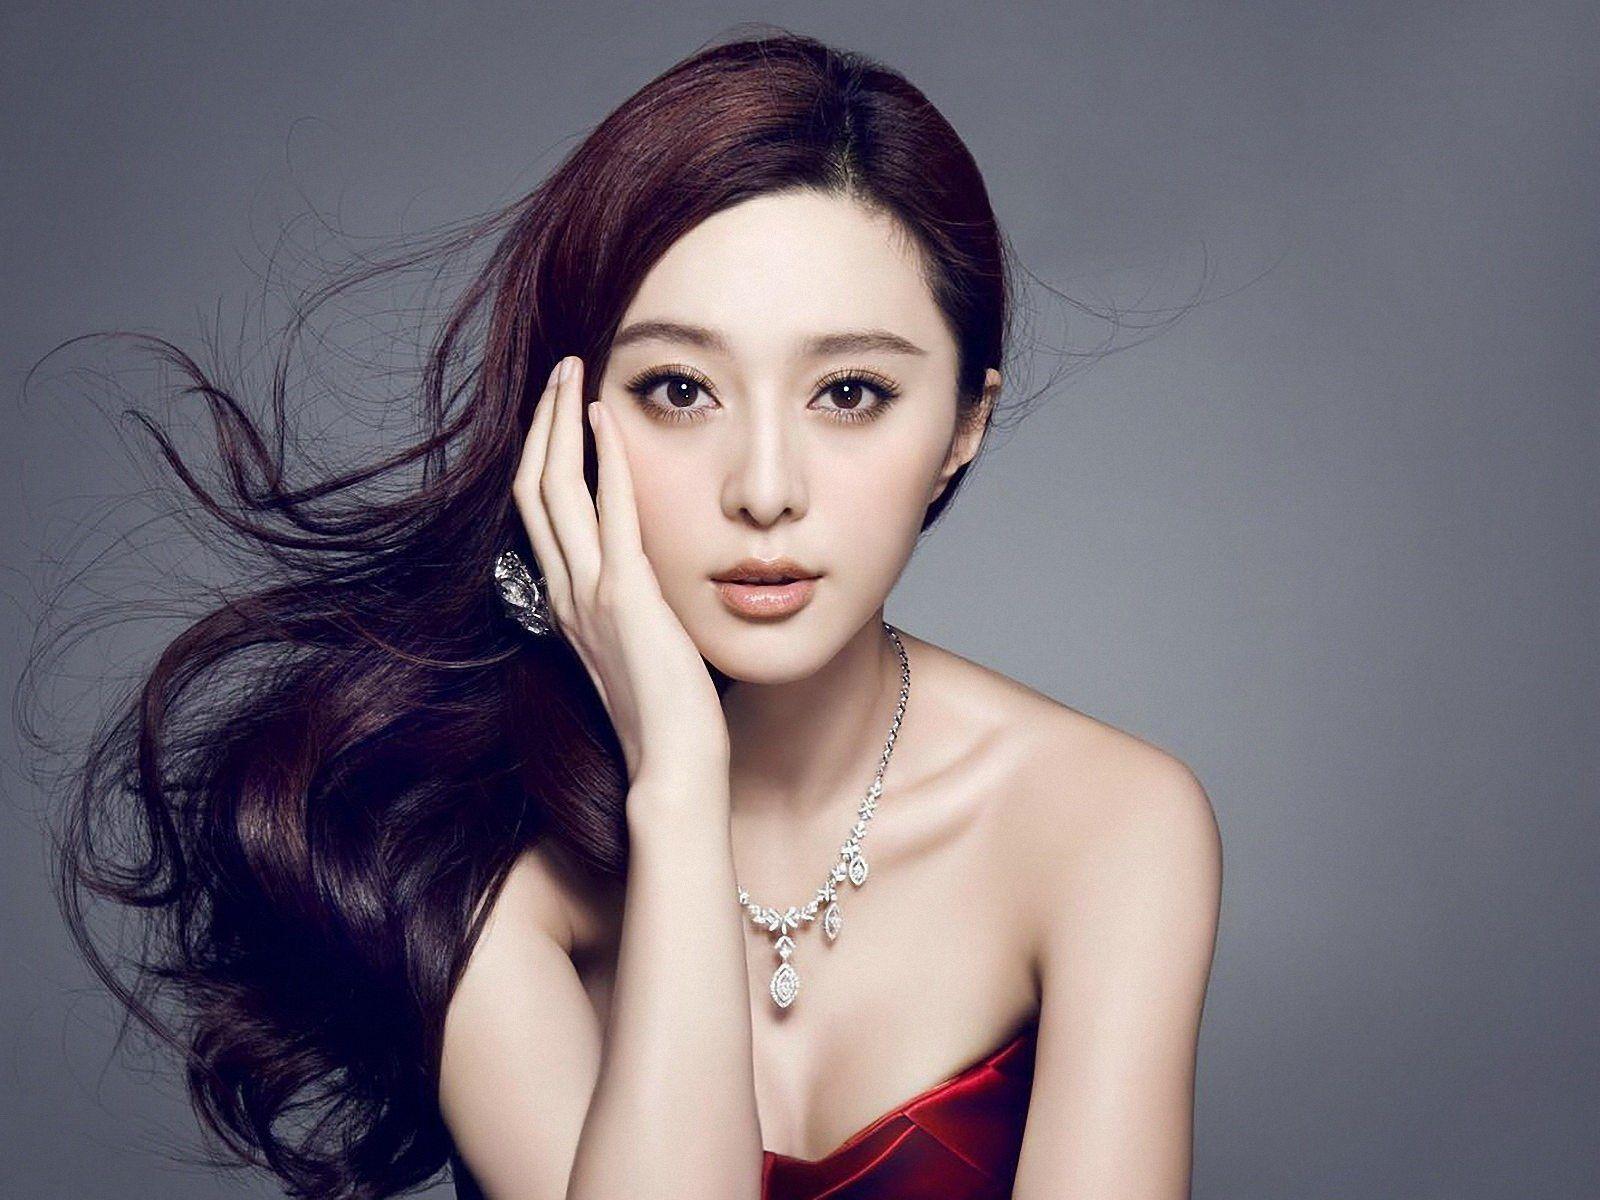 tạo môi trái tim bác sĩ điền Tạo môi trái tim bác sĩ Điền - bí quyết cho môi xinh khó cưỡng